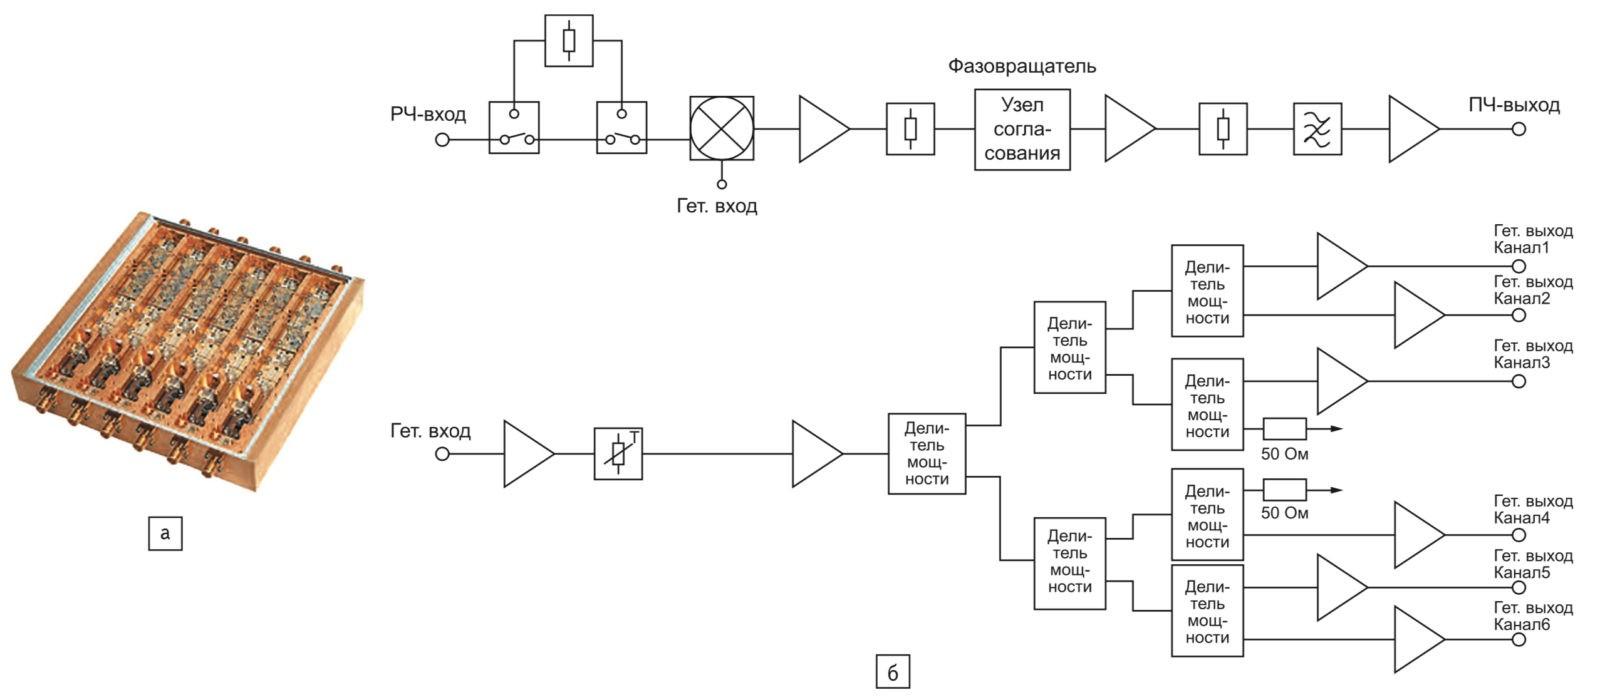 Шестиканальный понижающий ПрЧ с рабочими частотами 2–18 ГГц CCM18001 от компании Teledyne Cougar: а) конструктивное исполнение; б) структурная схема